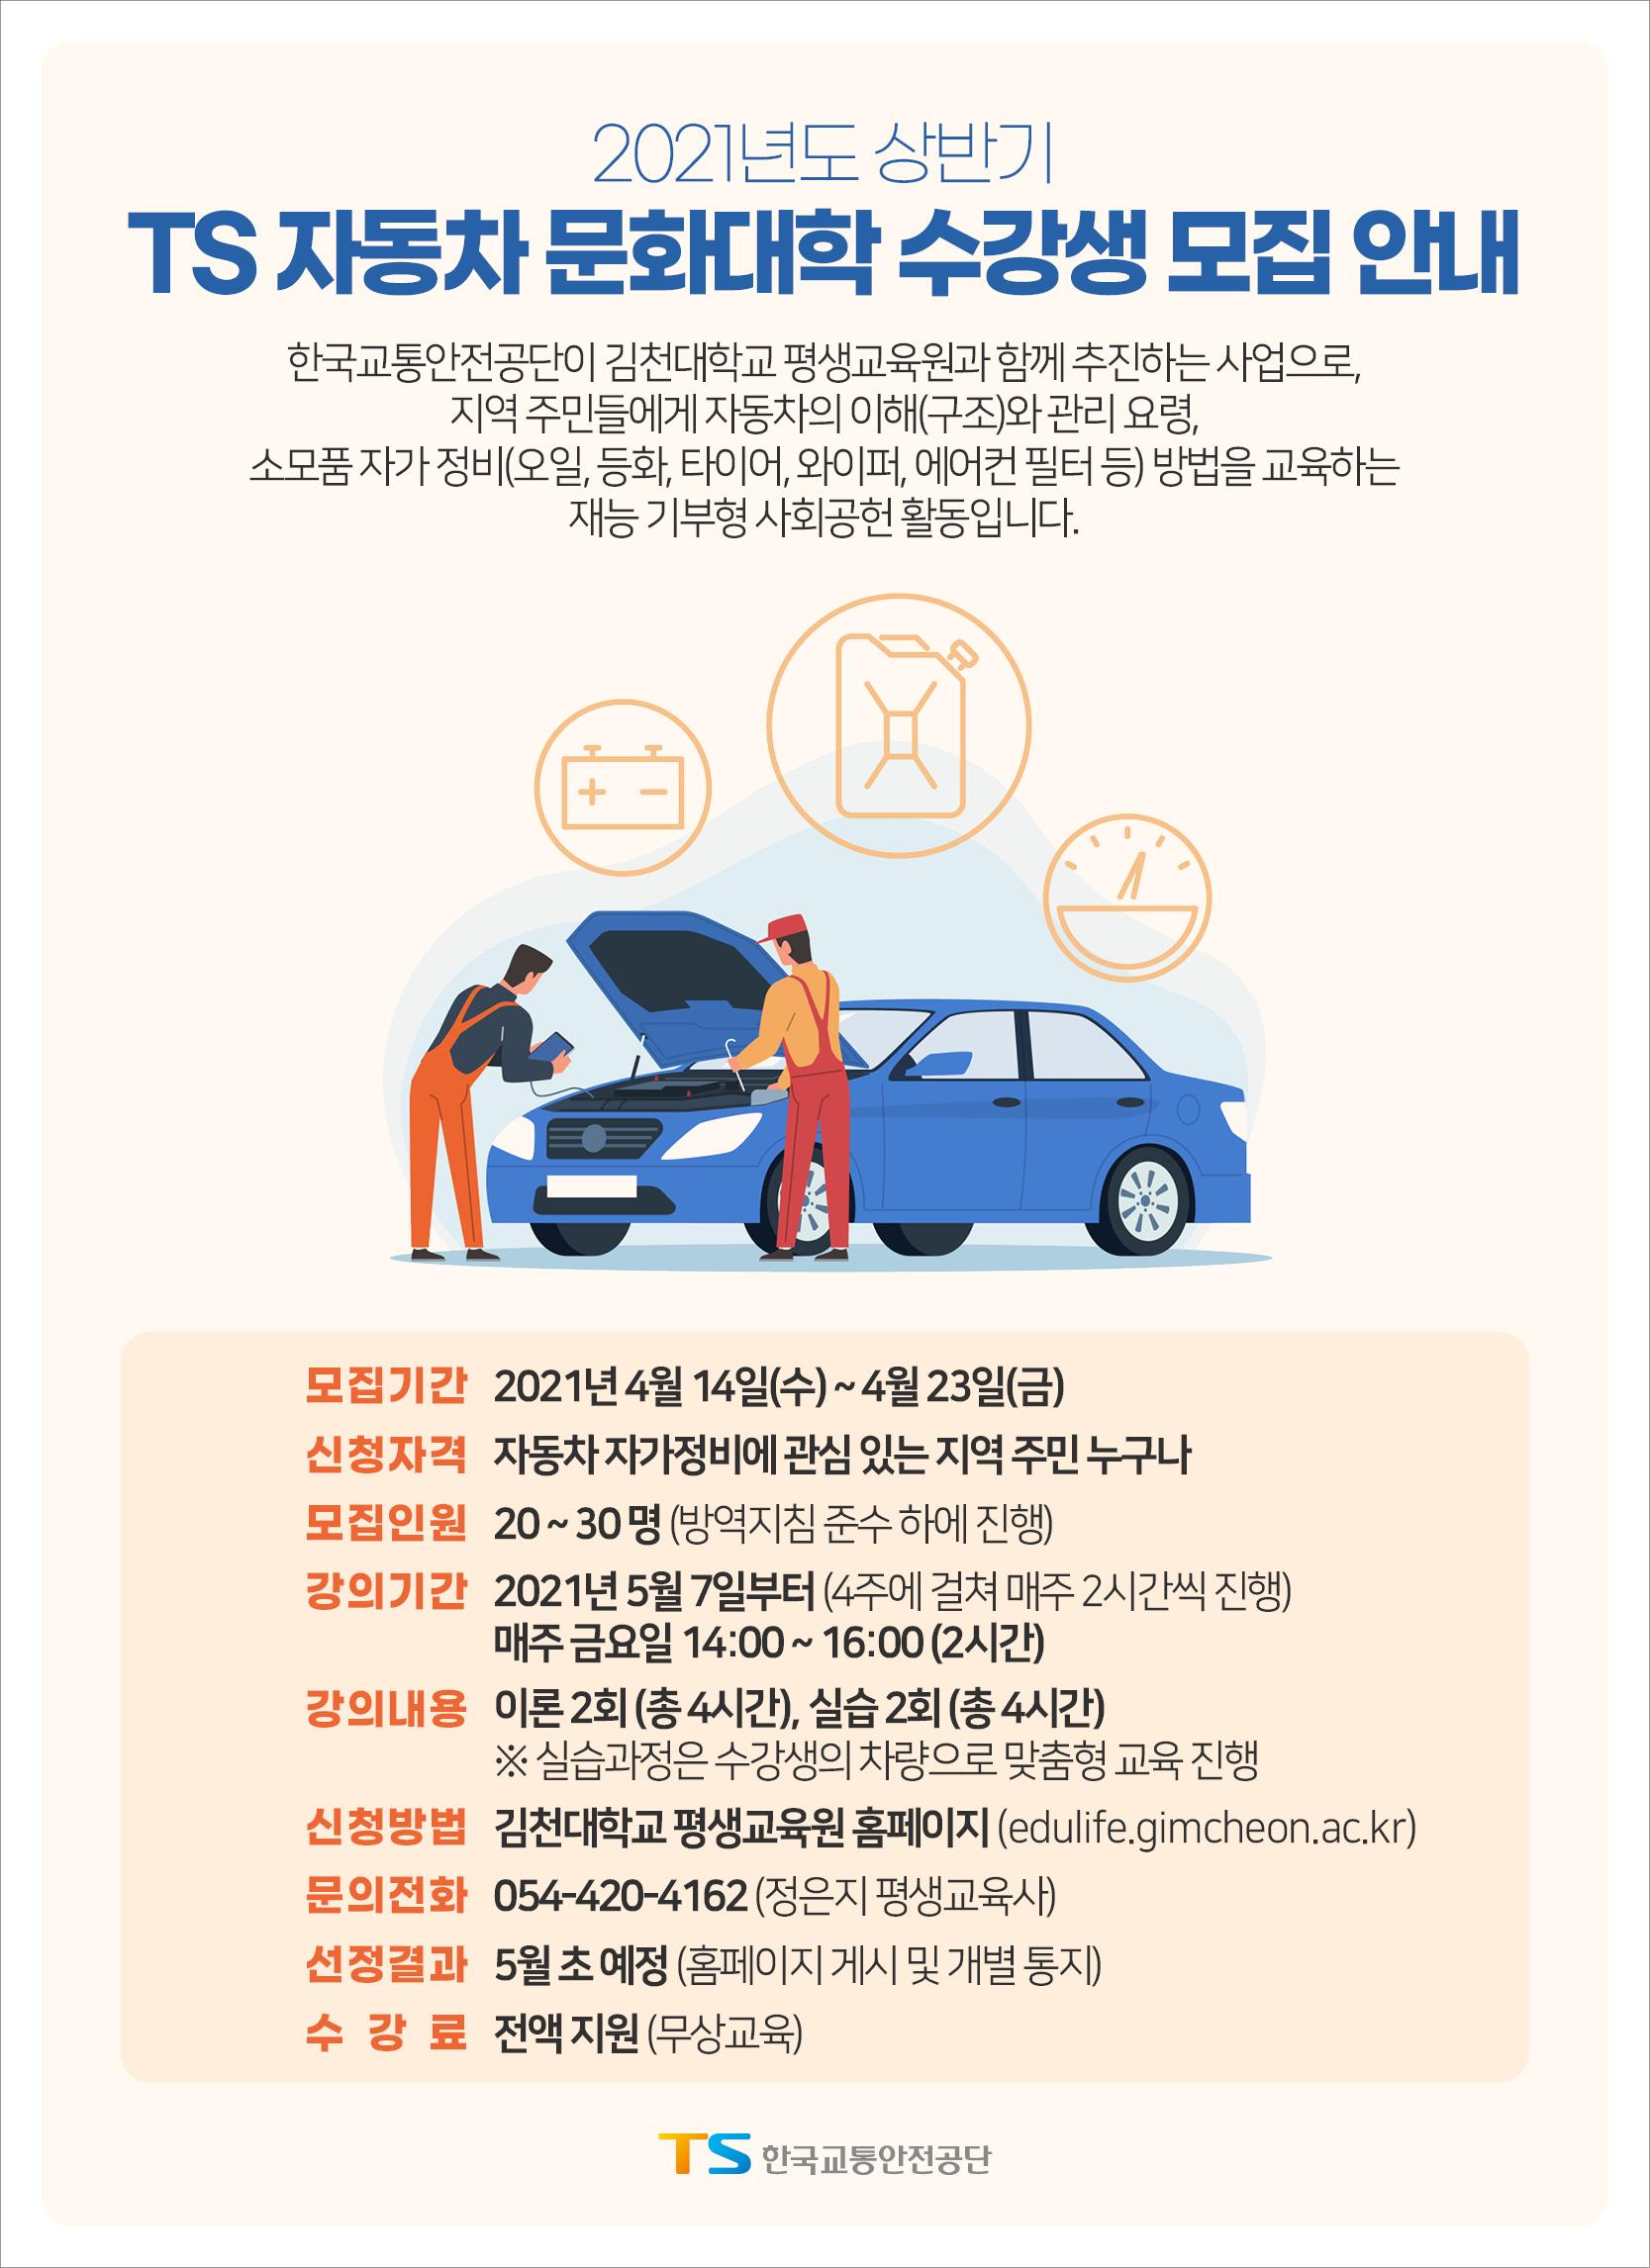 한국교통안전공단, 2021년 상반기 TS 자동차 문화대학 수강생 모집